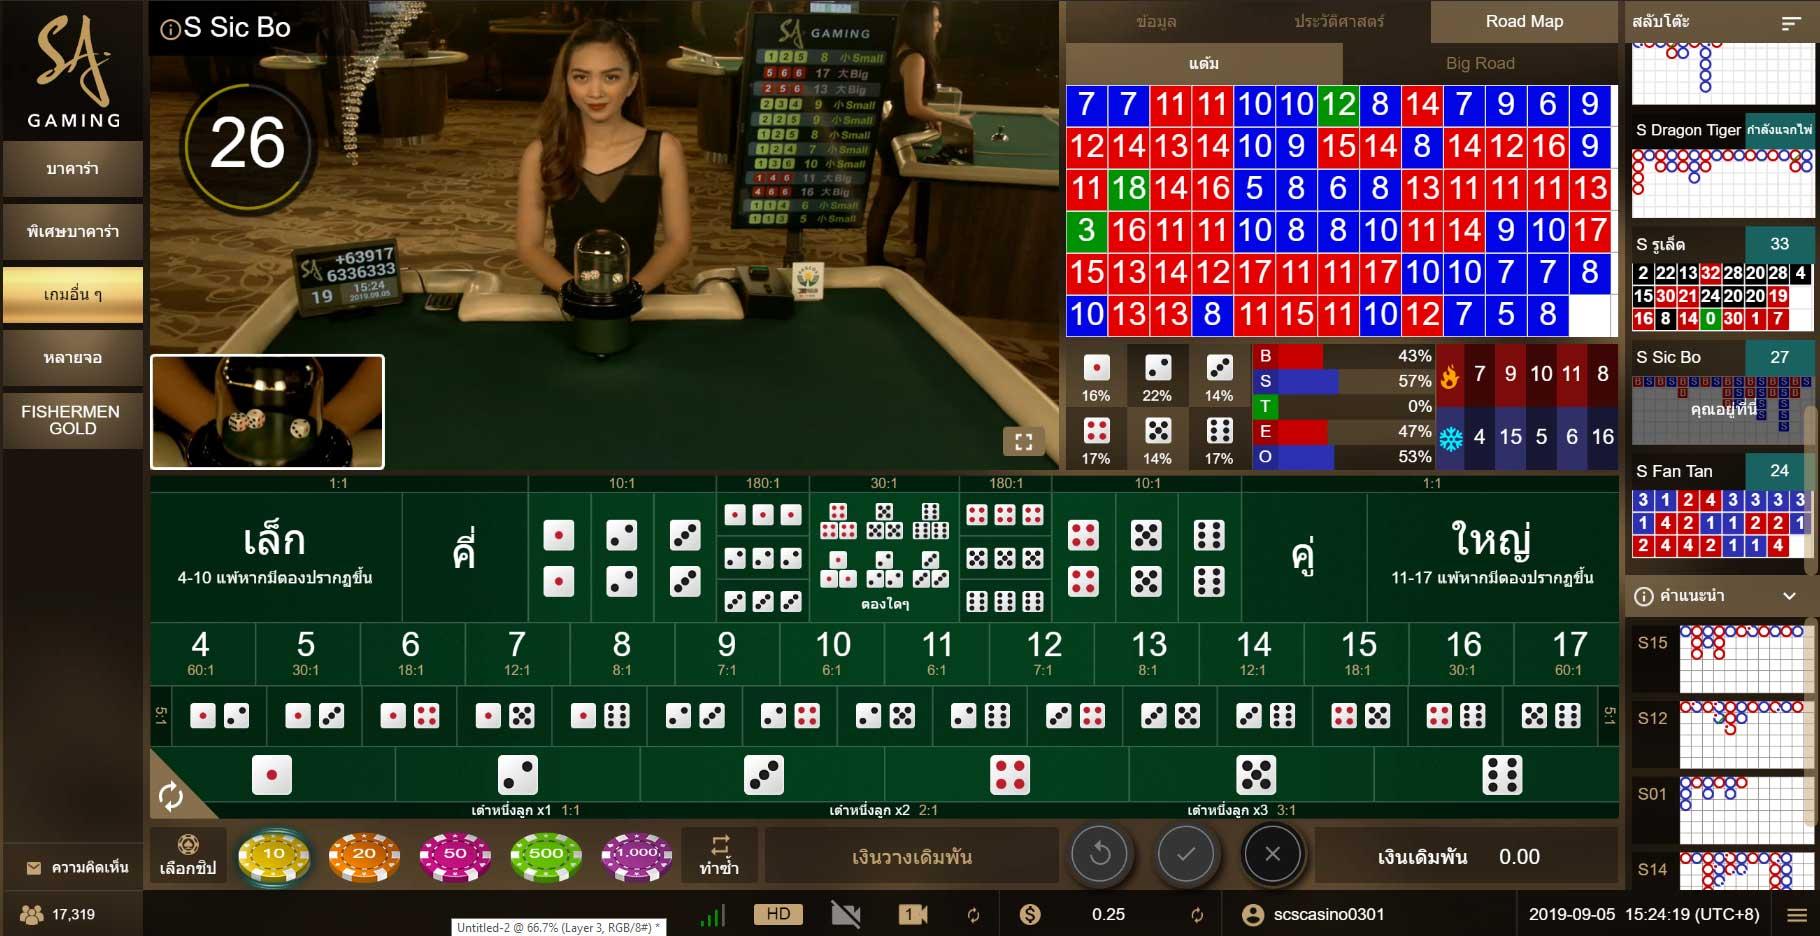 หน้าหลัก ไฮโล SA Gaming